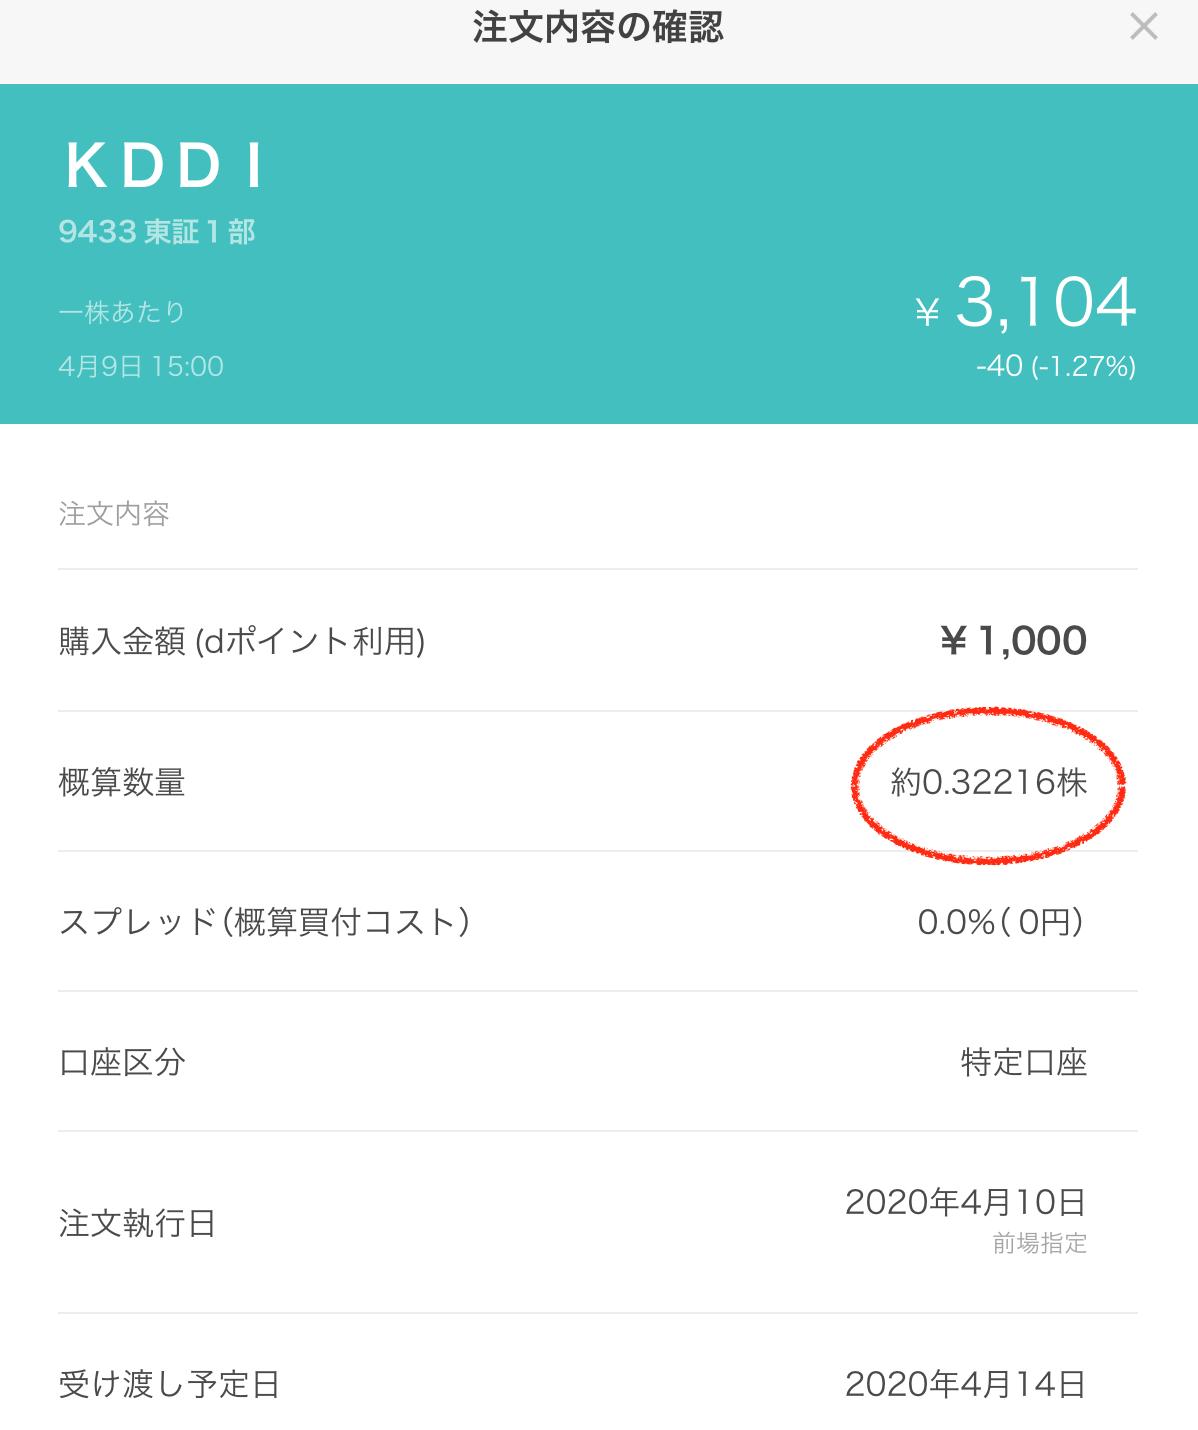 フロッギーでKDDI株を1000円分注文